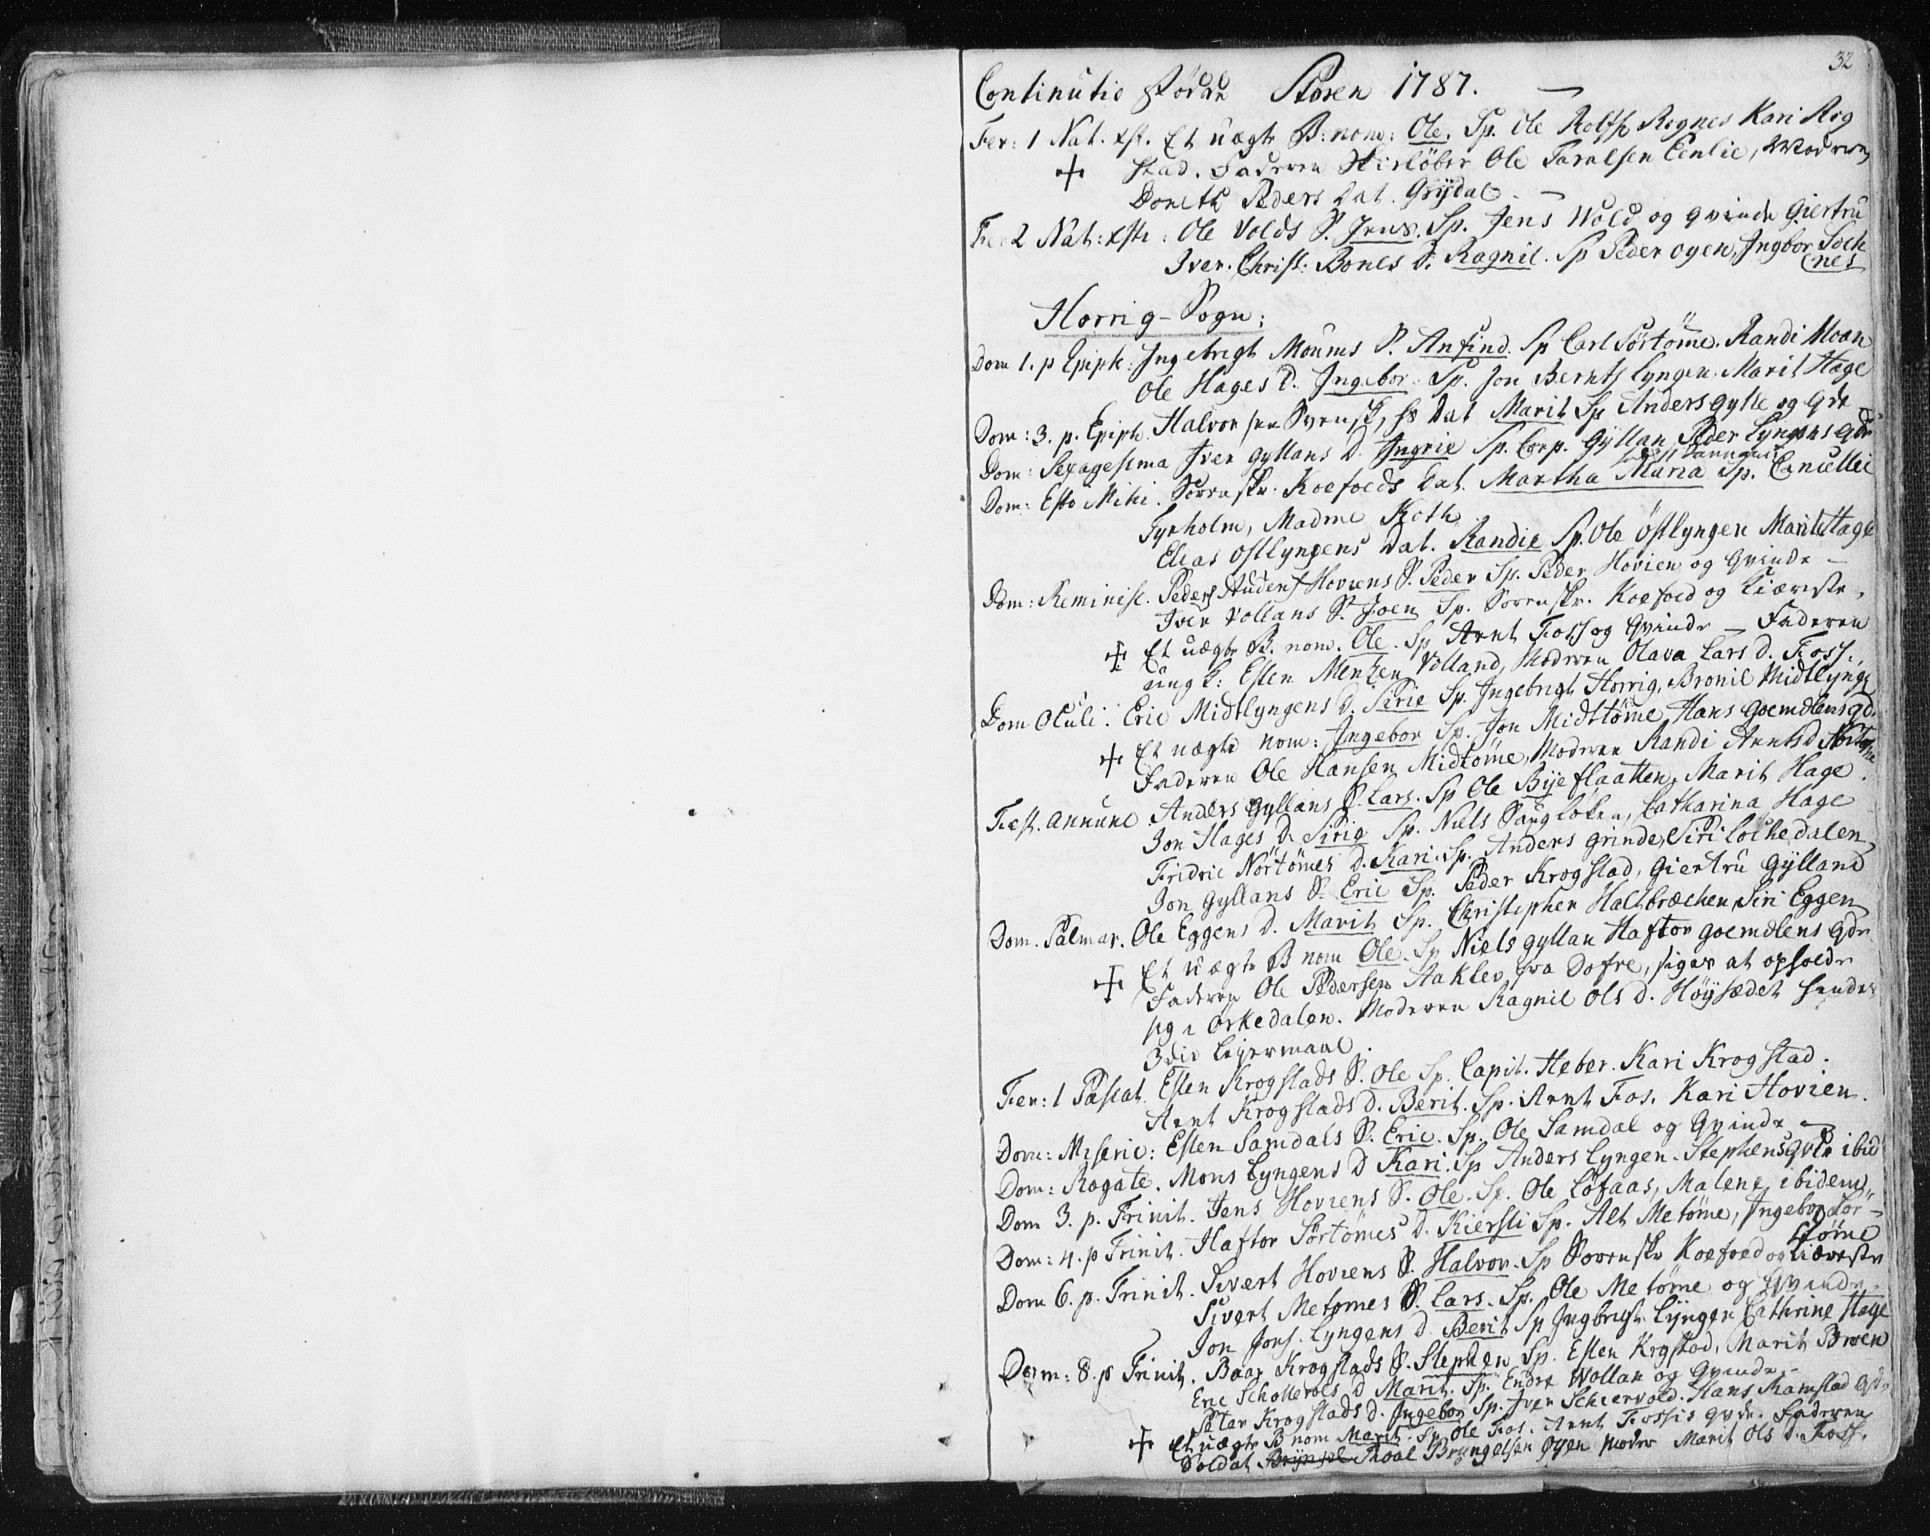 SAT, Ministerialprotokoller, klokkerbøker og fødselsregistre - Sør-Trøndelag, 687/L0991: Ministerialbok nr. 687A02, 1747-1790, s. 32